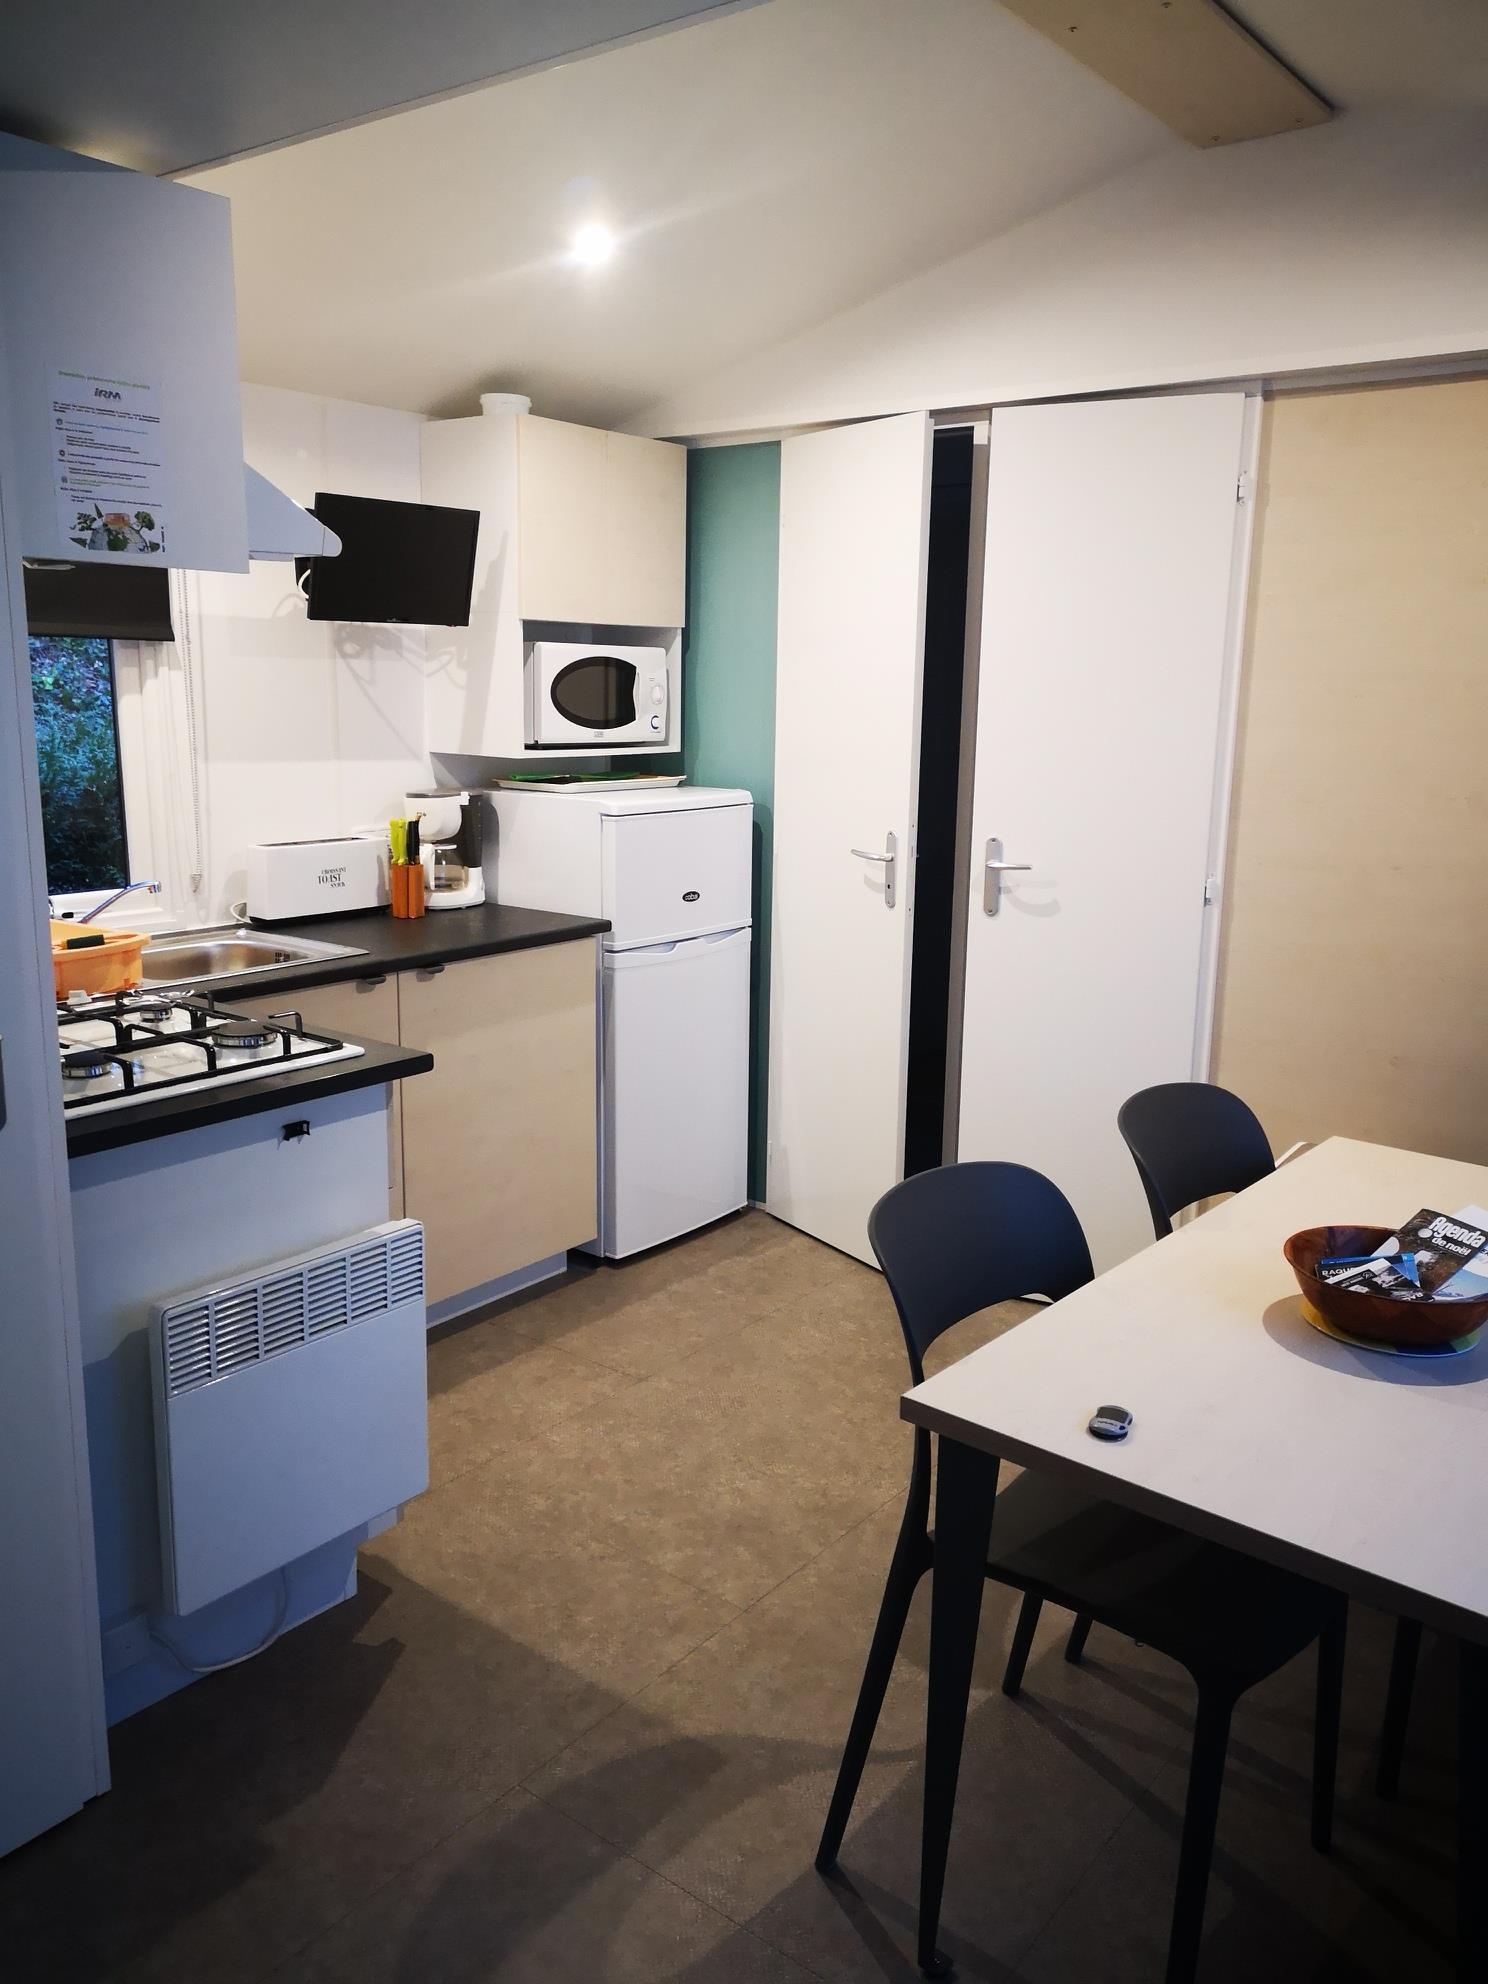 Mobil-home Loggia 30m²- 2 chambres